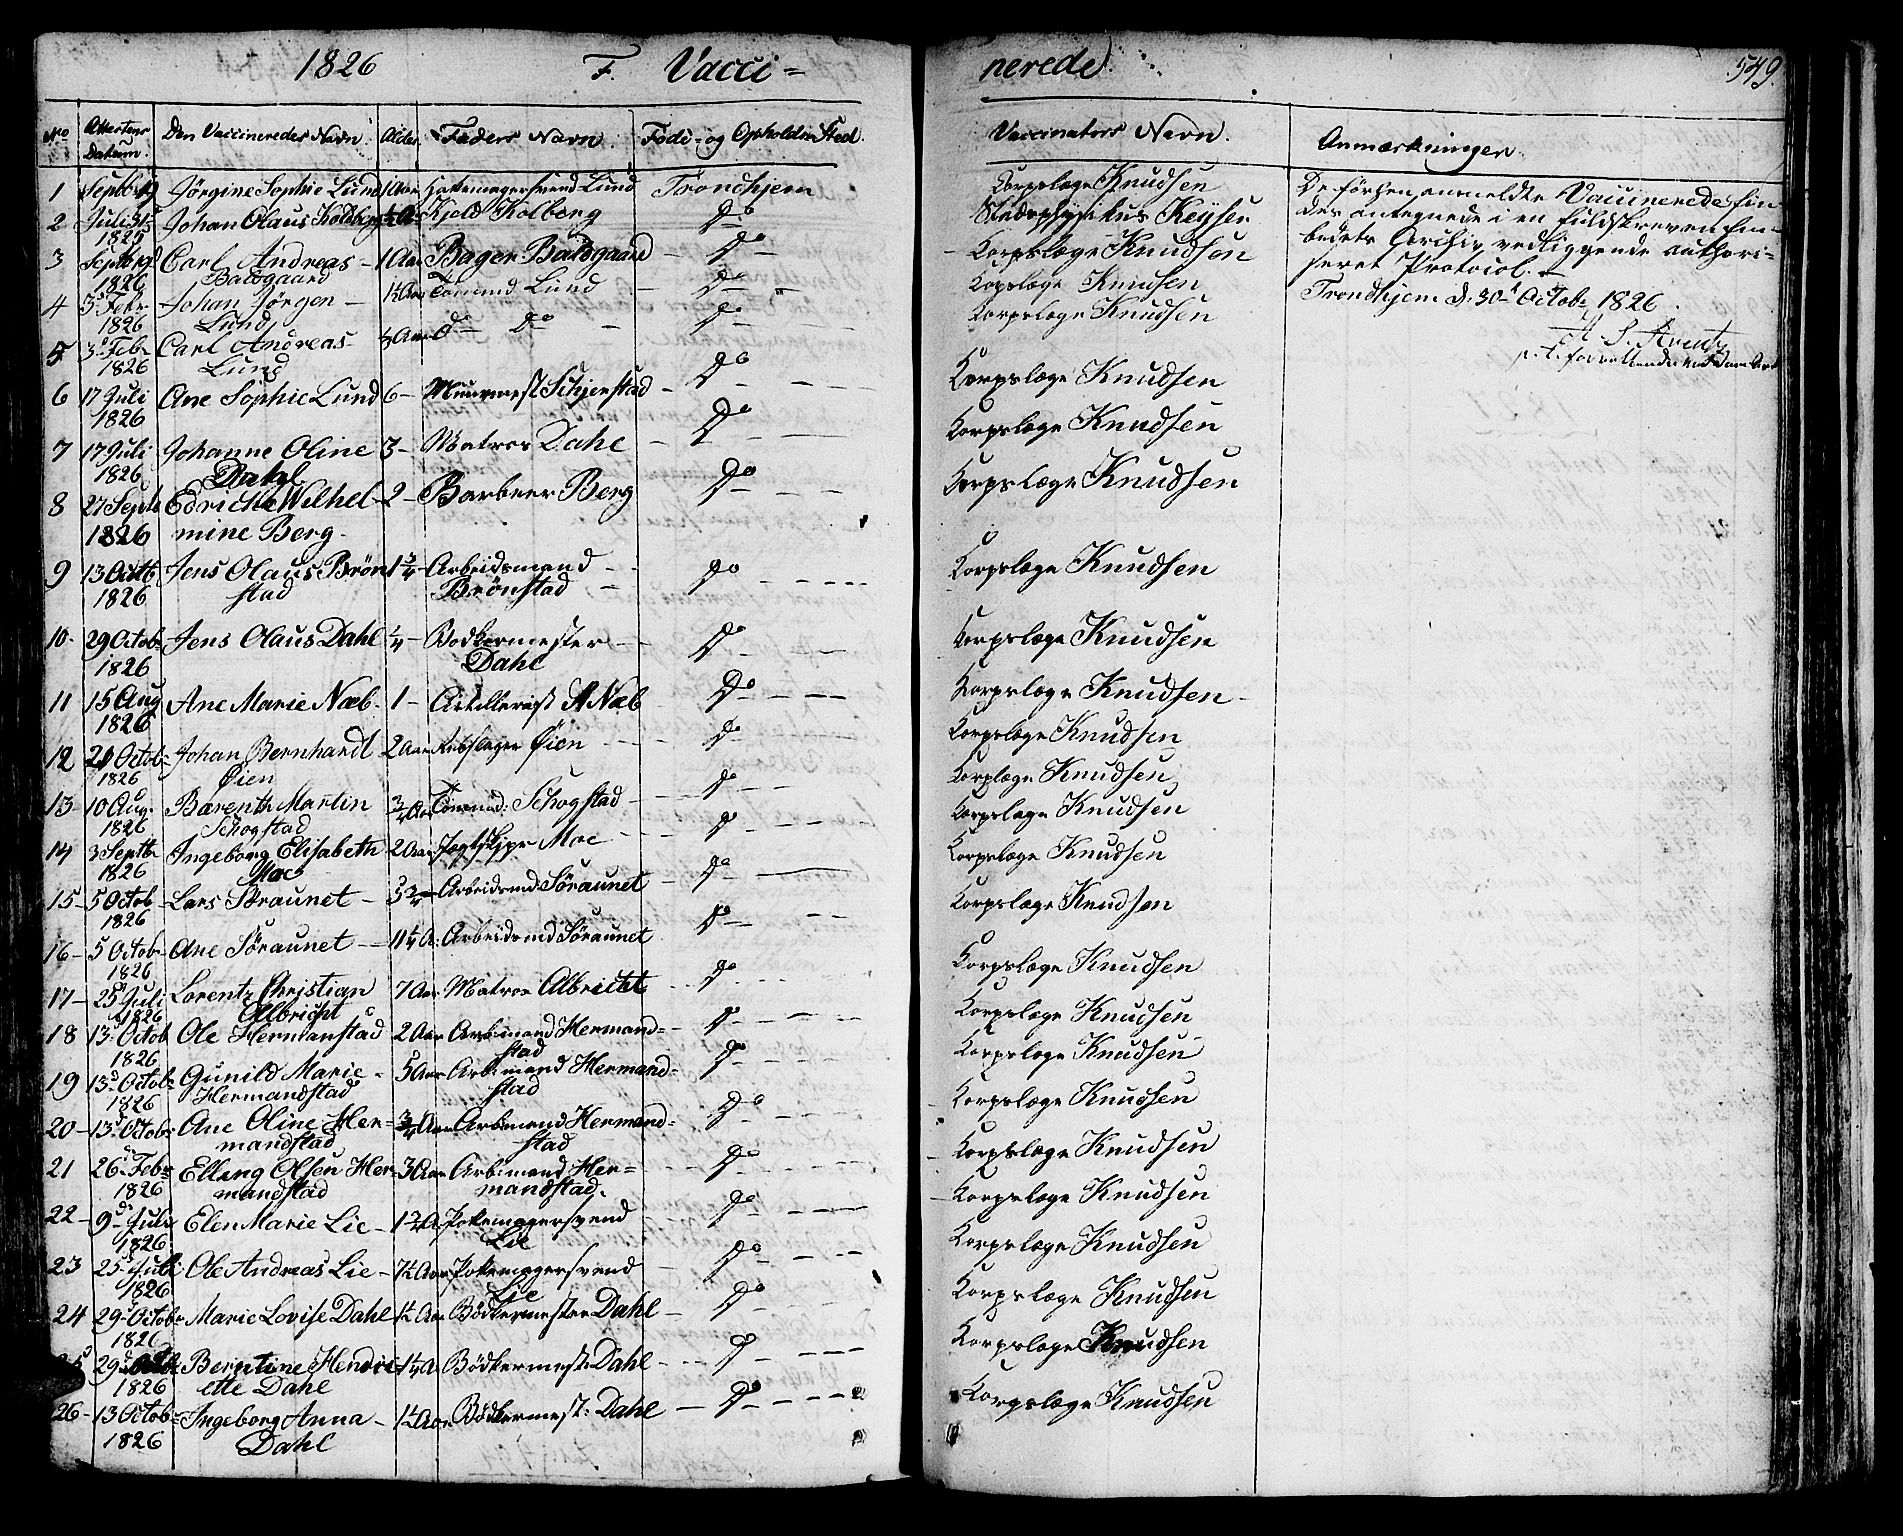 SAT, Ministerialprotokoller, klokkerbøker og fødselsregistre - Sør-Trøndelag, 601/L0045: Ministerialbok nr. 601A13, 1821-1831, s. 549